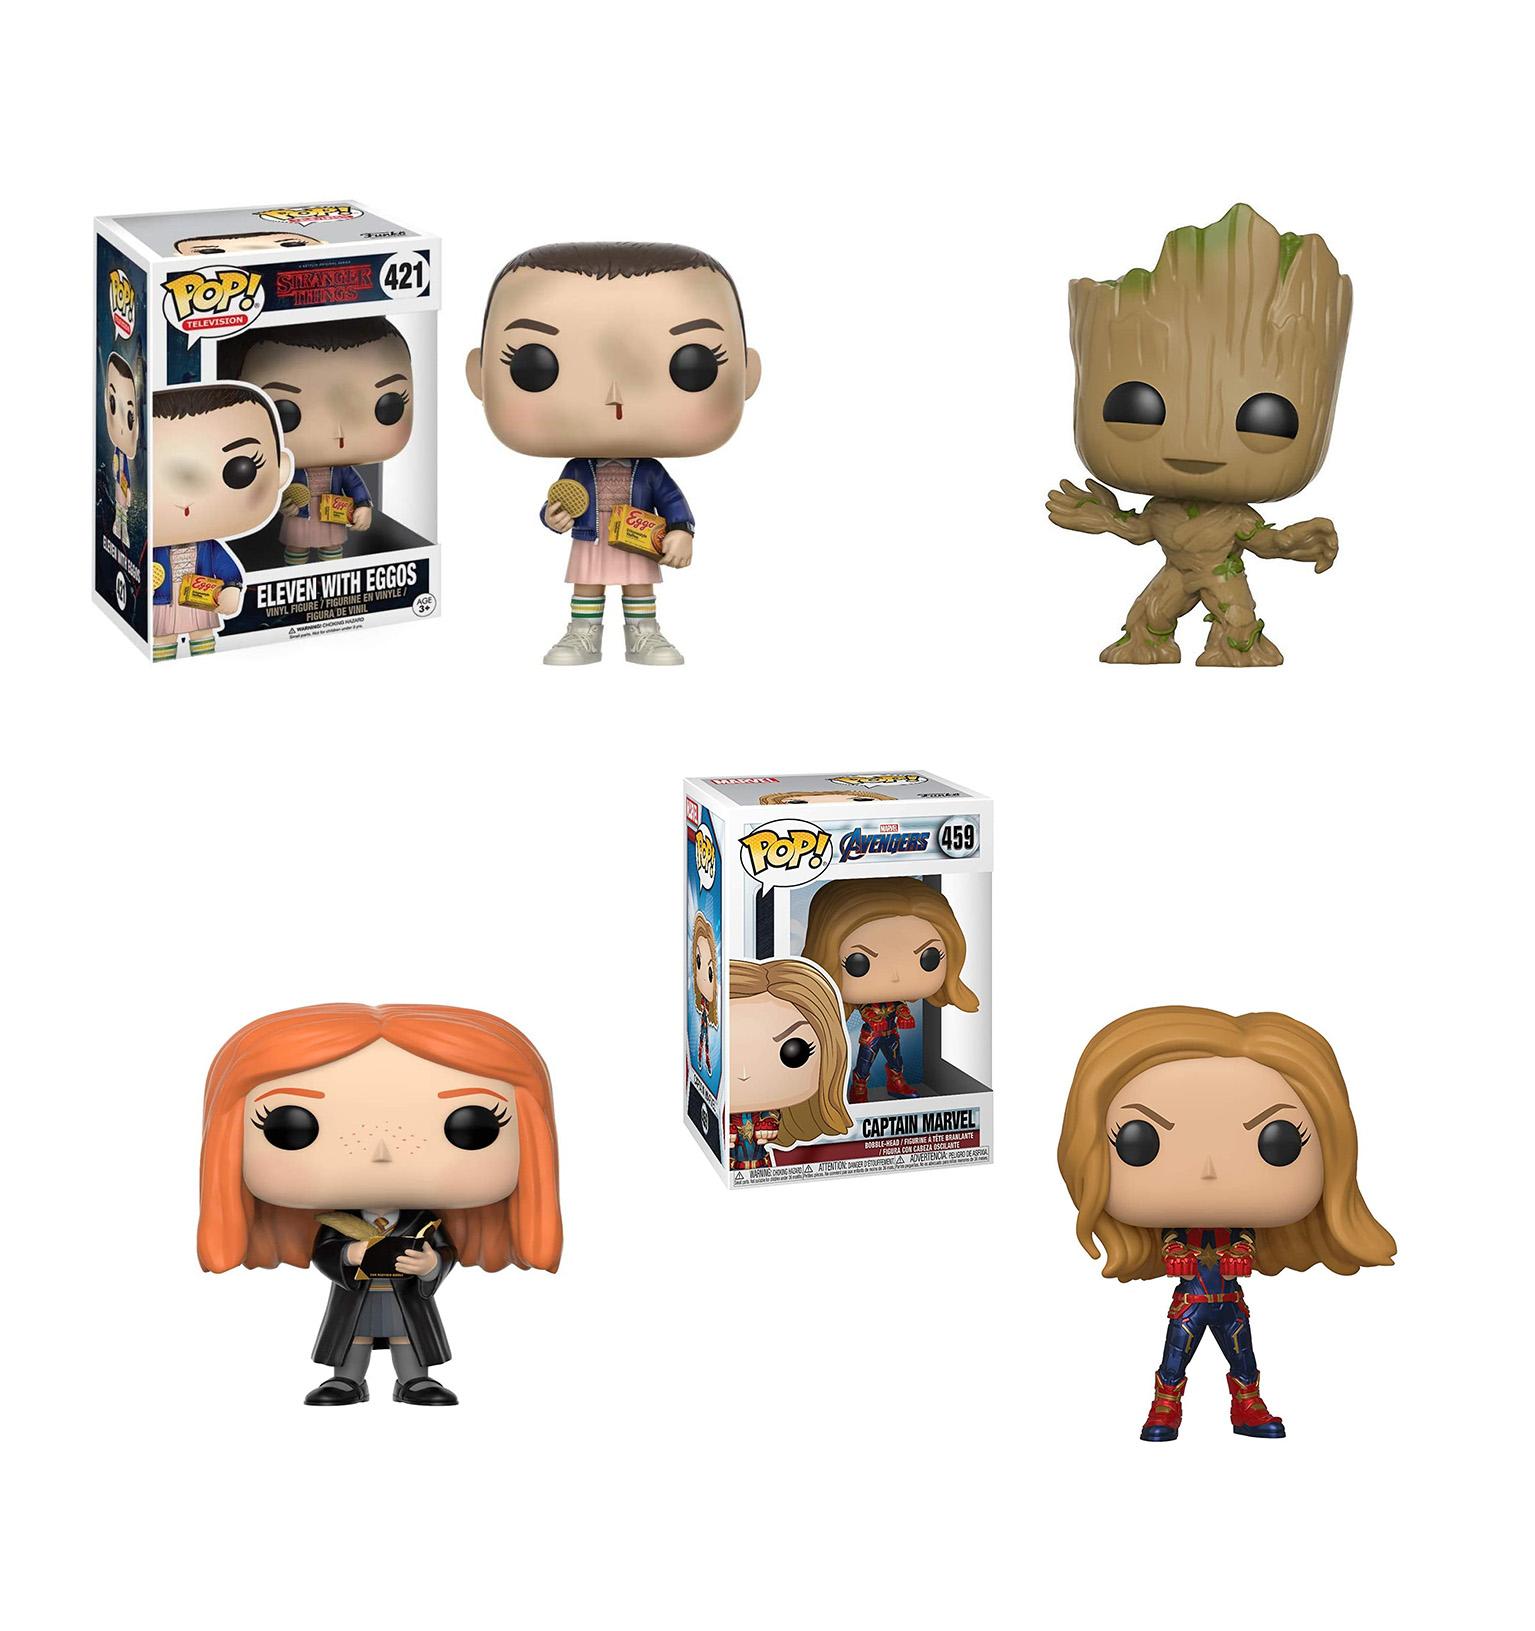 A imagem mostra 5 tipos de bonecos decorativos de personagens de séries e filmes num fundo branco.